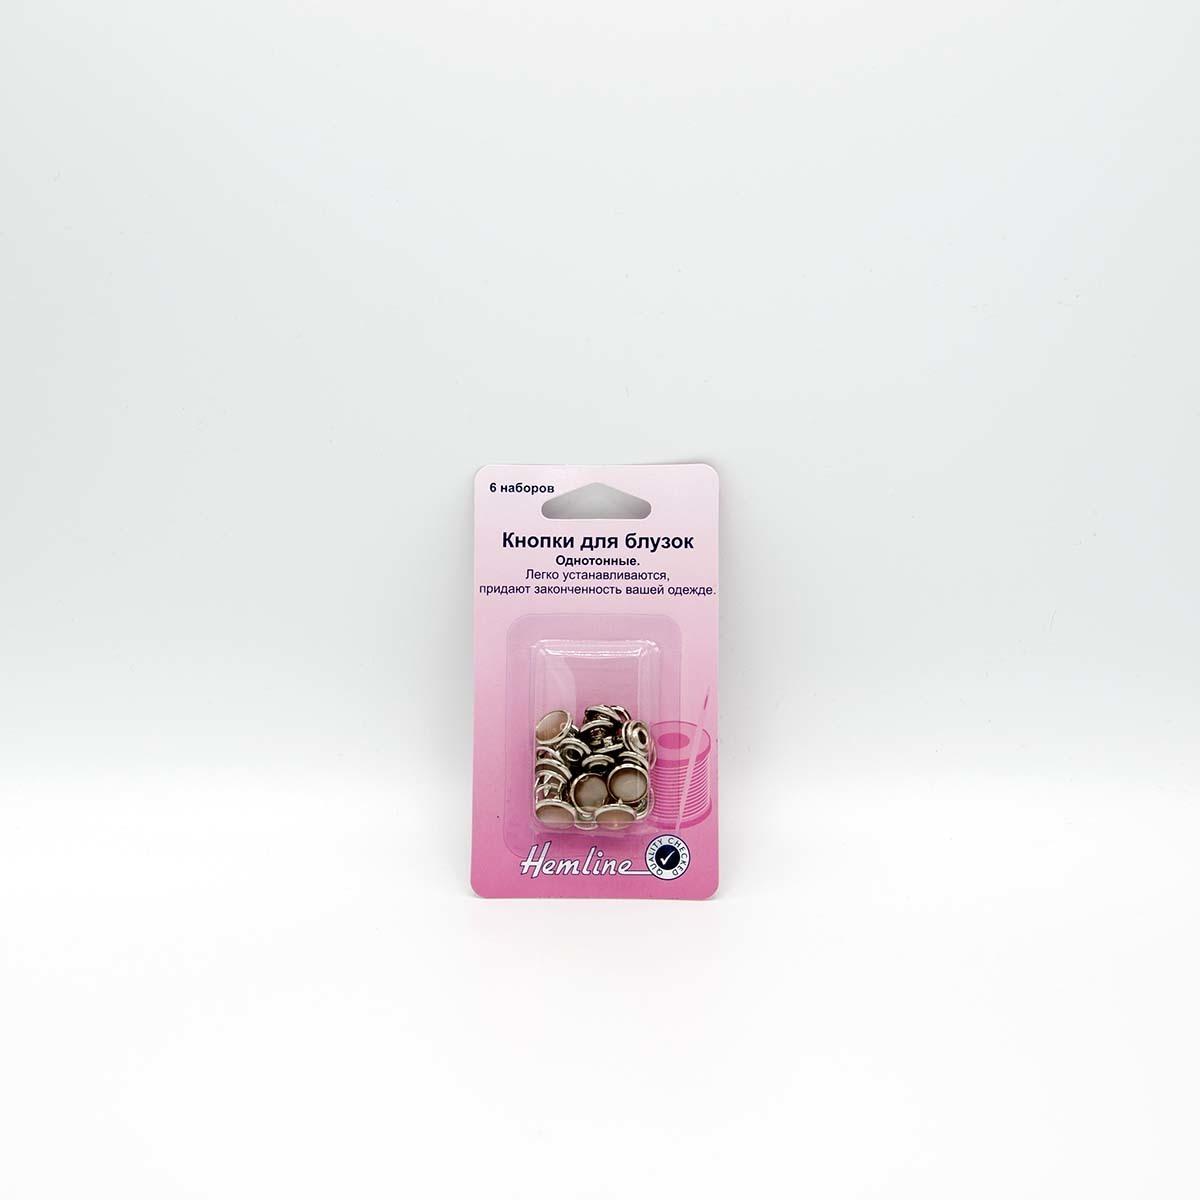 Кнопки для легкой одежды с глазком, 11мм, Hemline